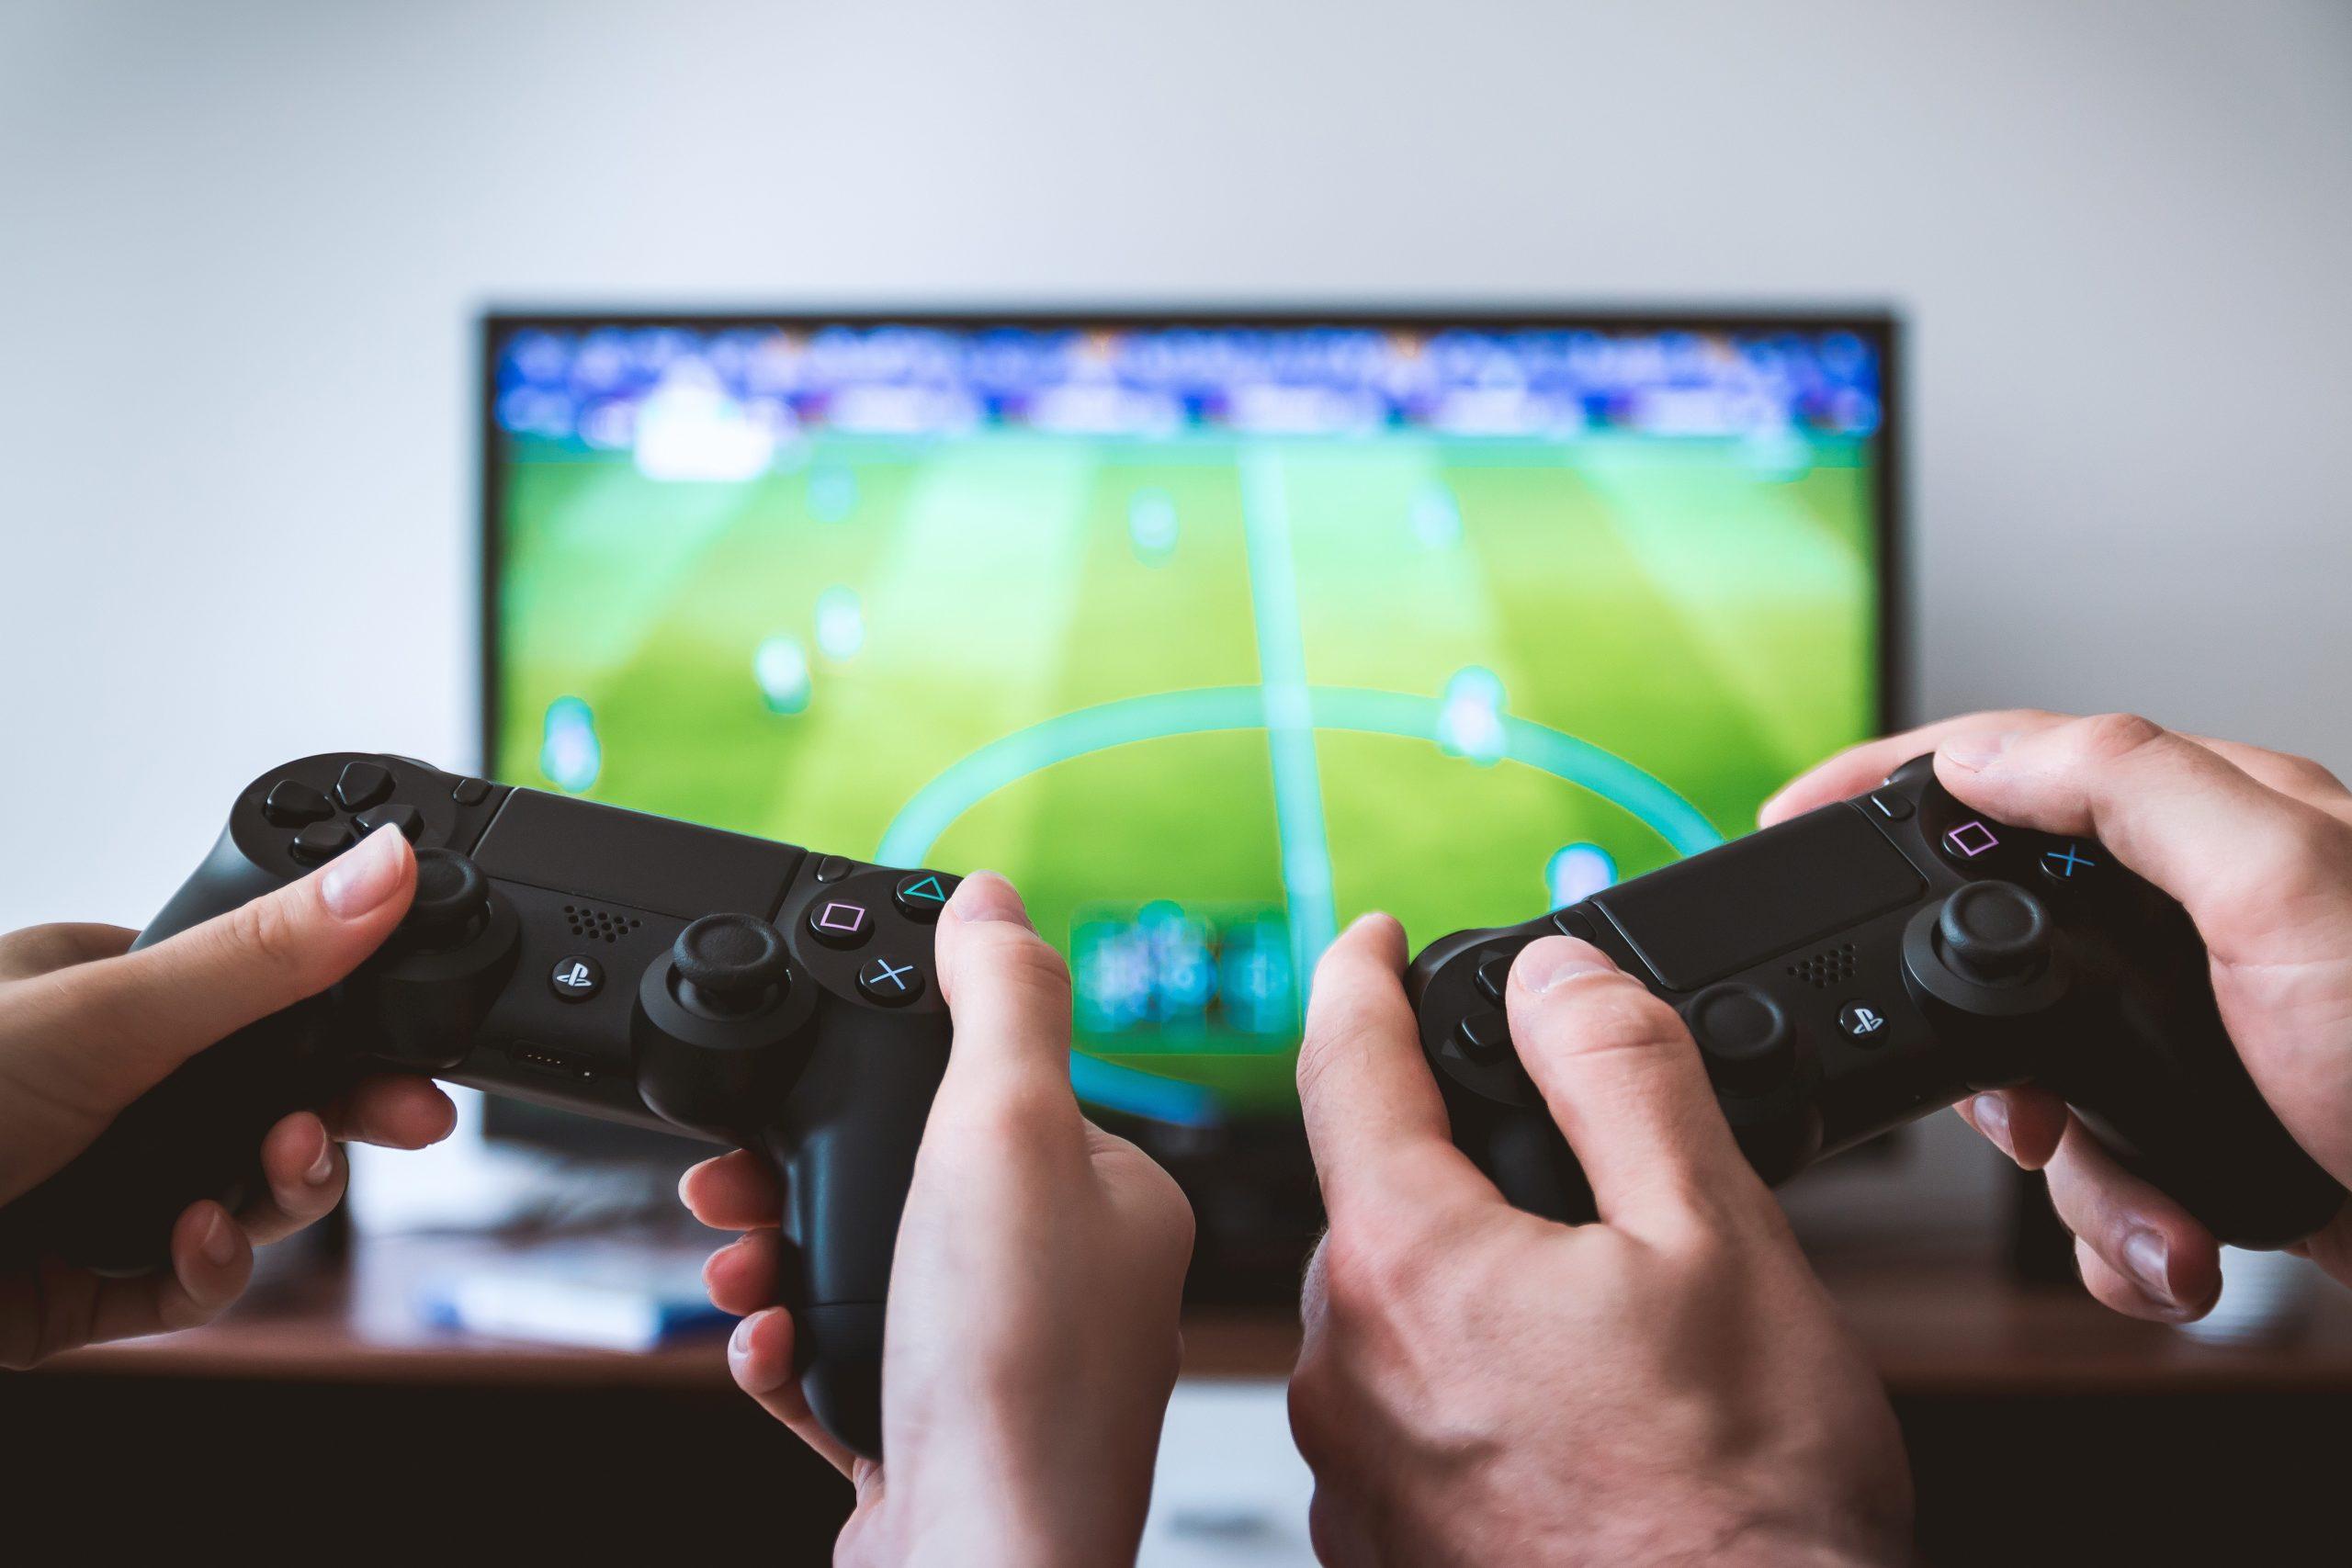 練習をゲームみたいに中毒化する方法はあるのか?